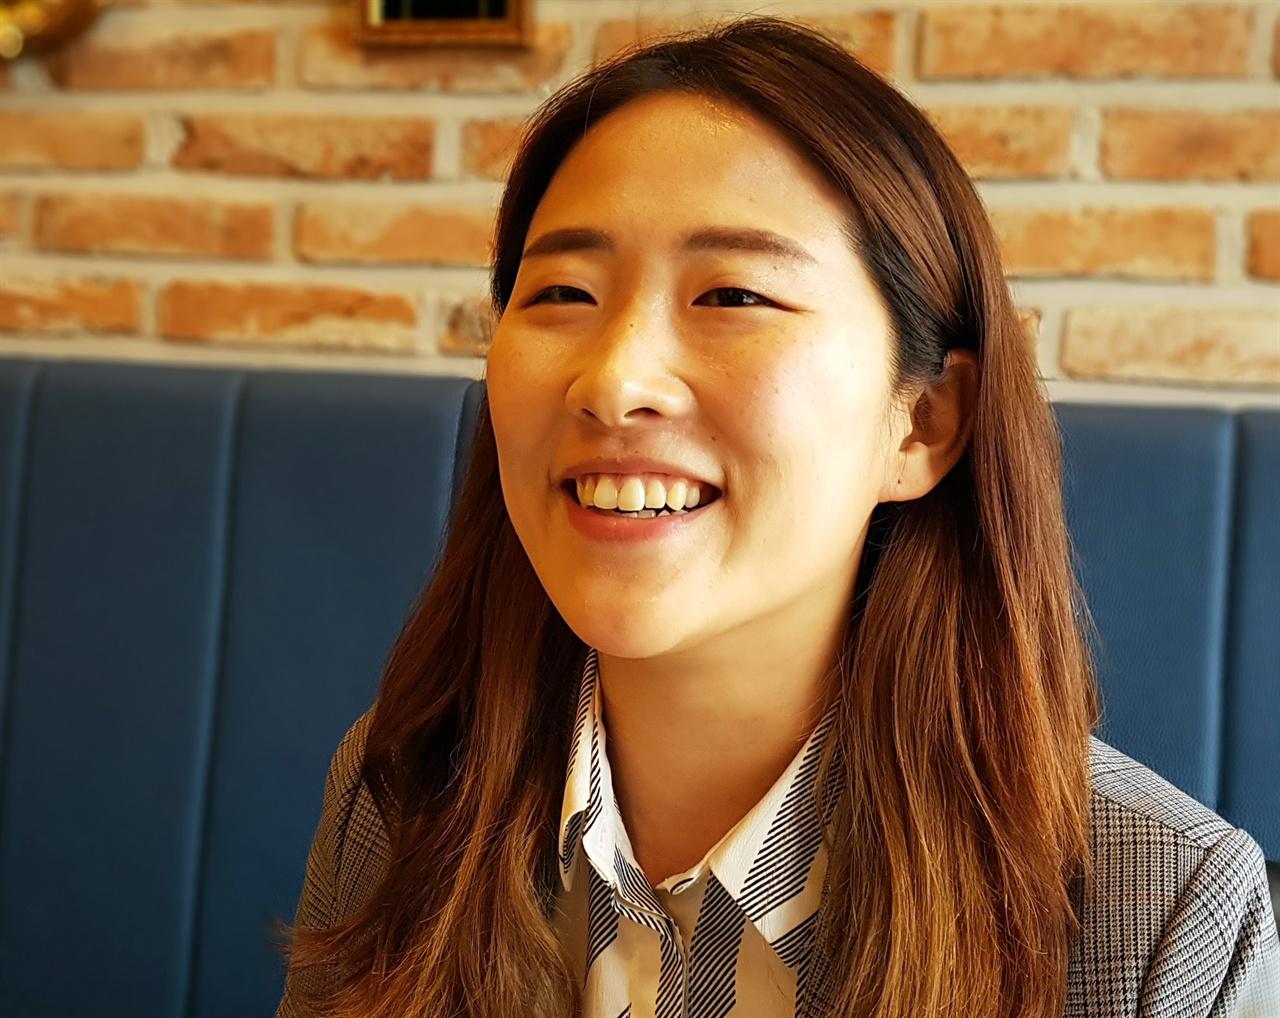 우리미래 공동대변인 김소희 10대 시절을 HOT에 빠져 보냈고, 직장생활하면서는 서태지에 빠졌던 김소희. 지금은 정치에 빠져 정당의 공동대표까지 올랐다. 지금은 우리미래 공동대변인.